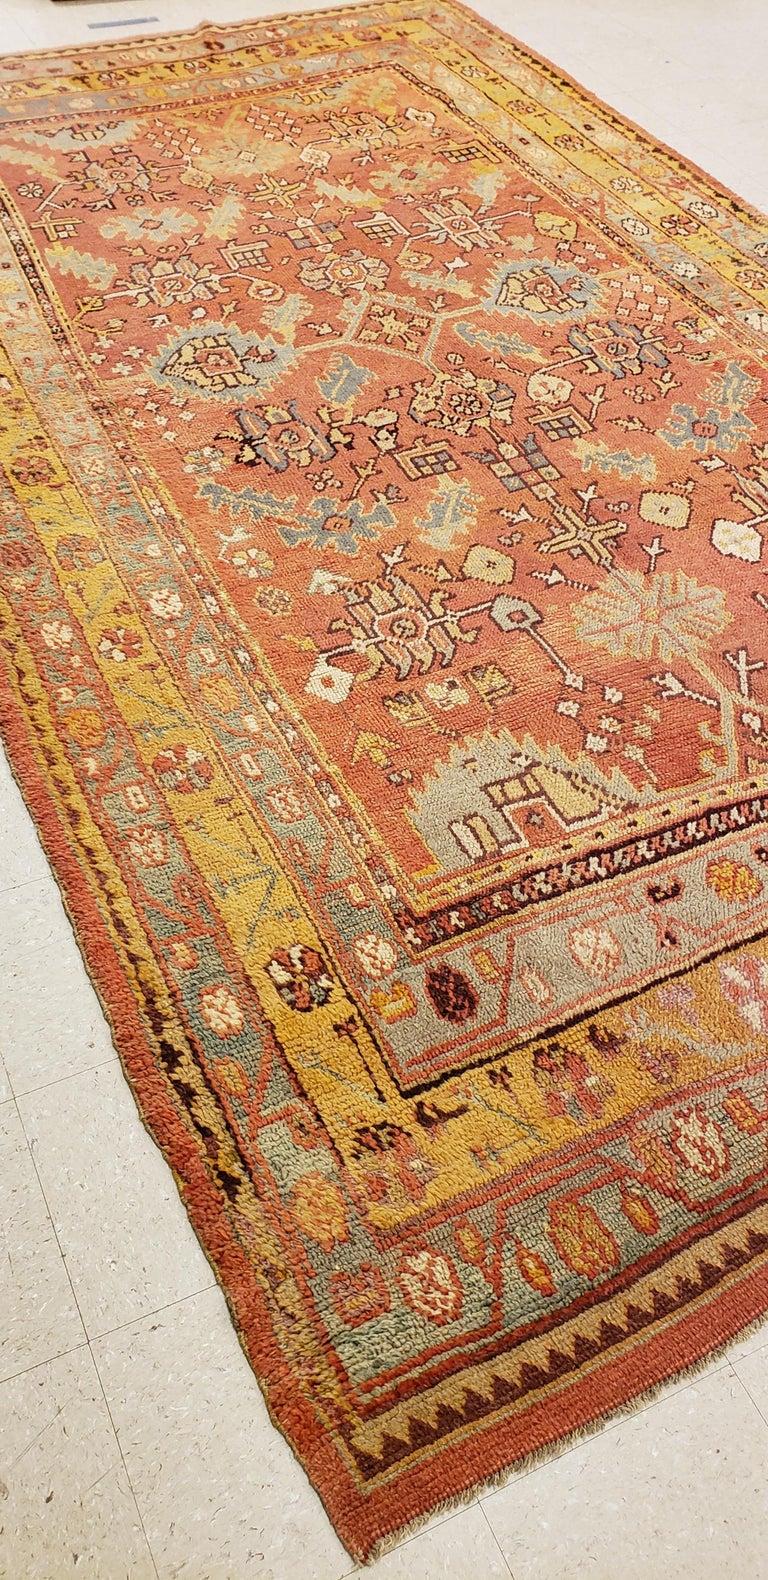 Oushak Carpet, Oriental Rug, Handmade Rug Saffron, Light Blue and Coral For Sale 4